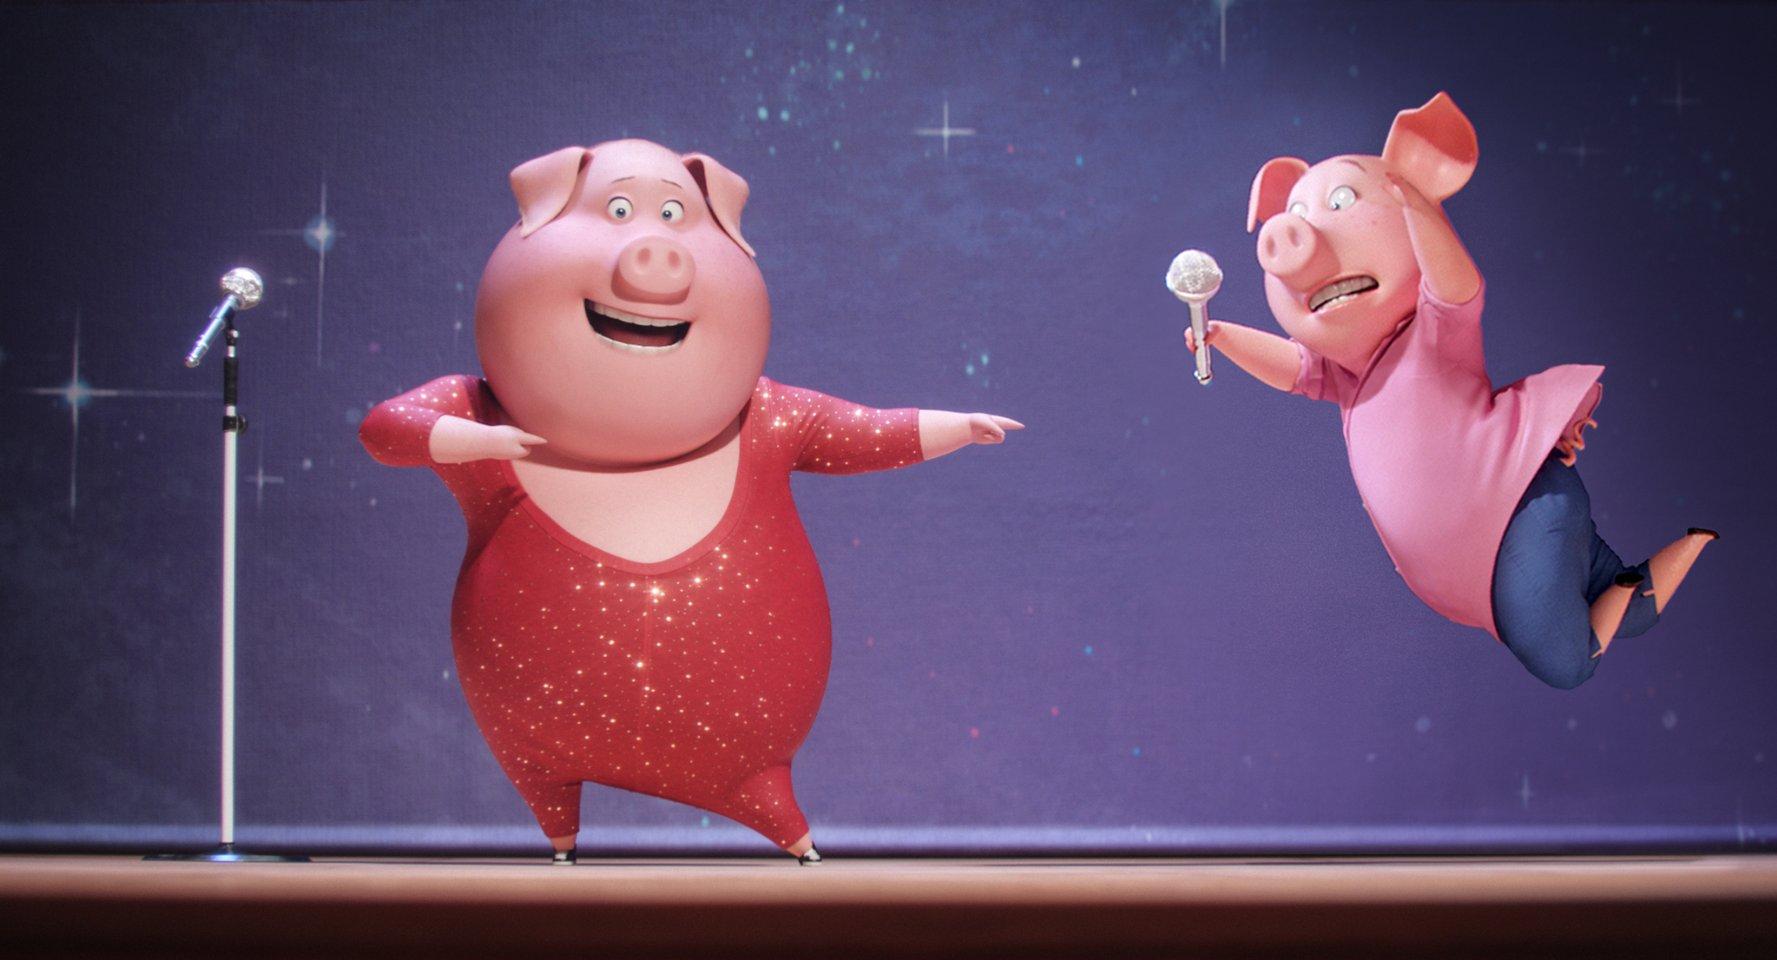 Bajkoranki: Sing - dubbing